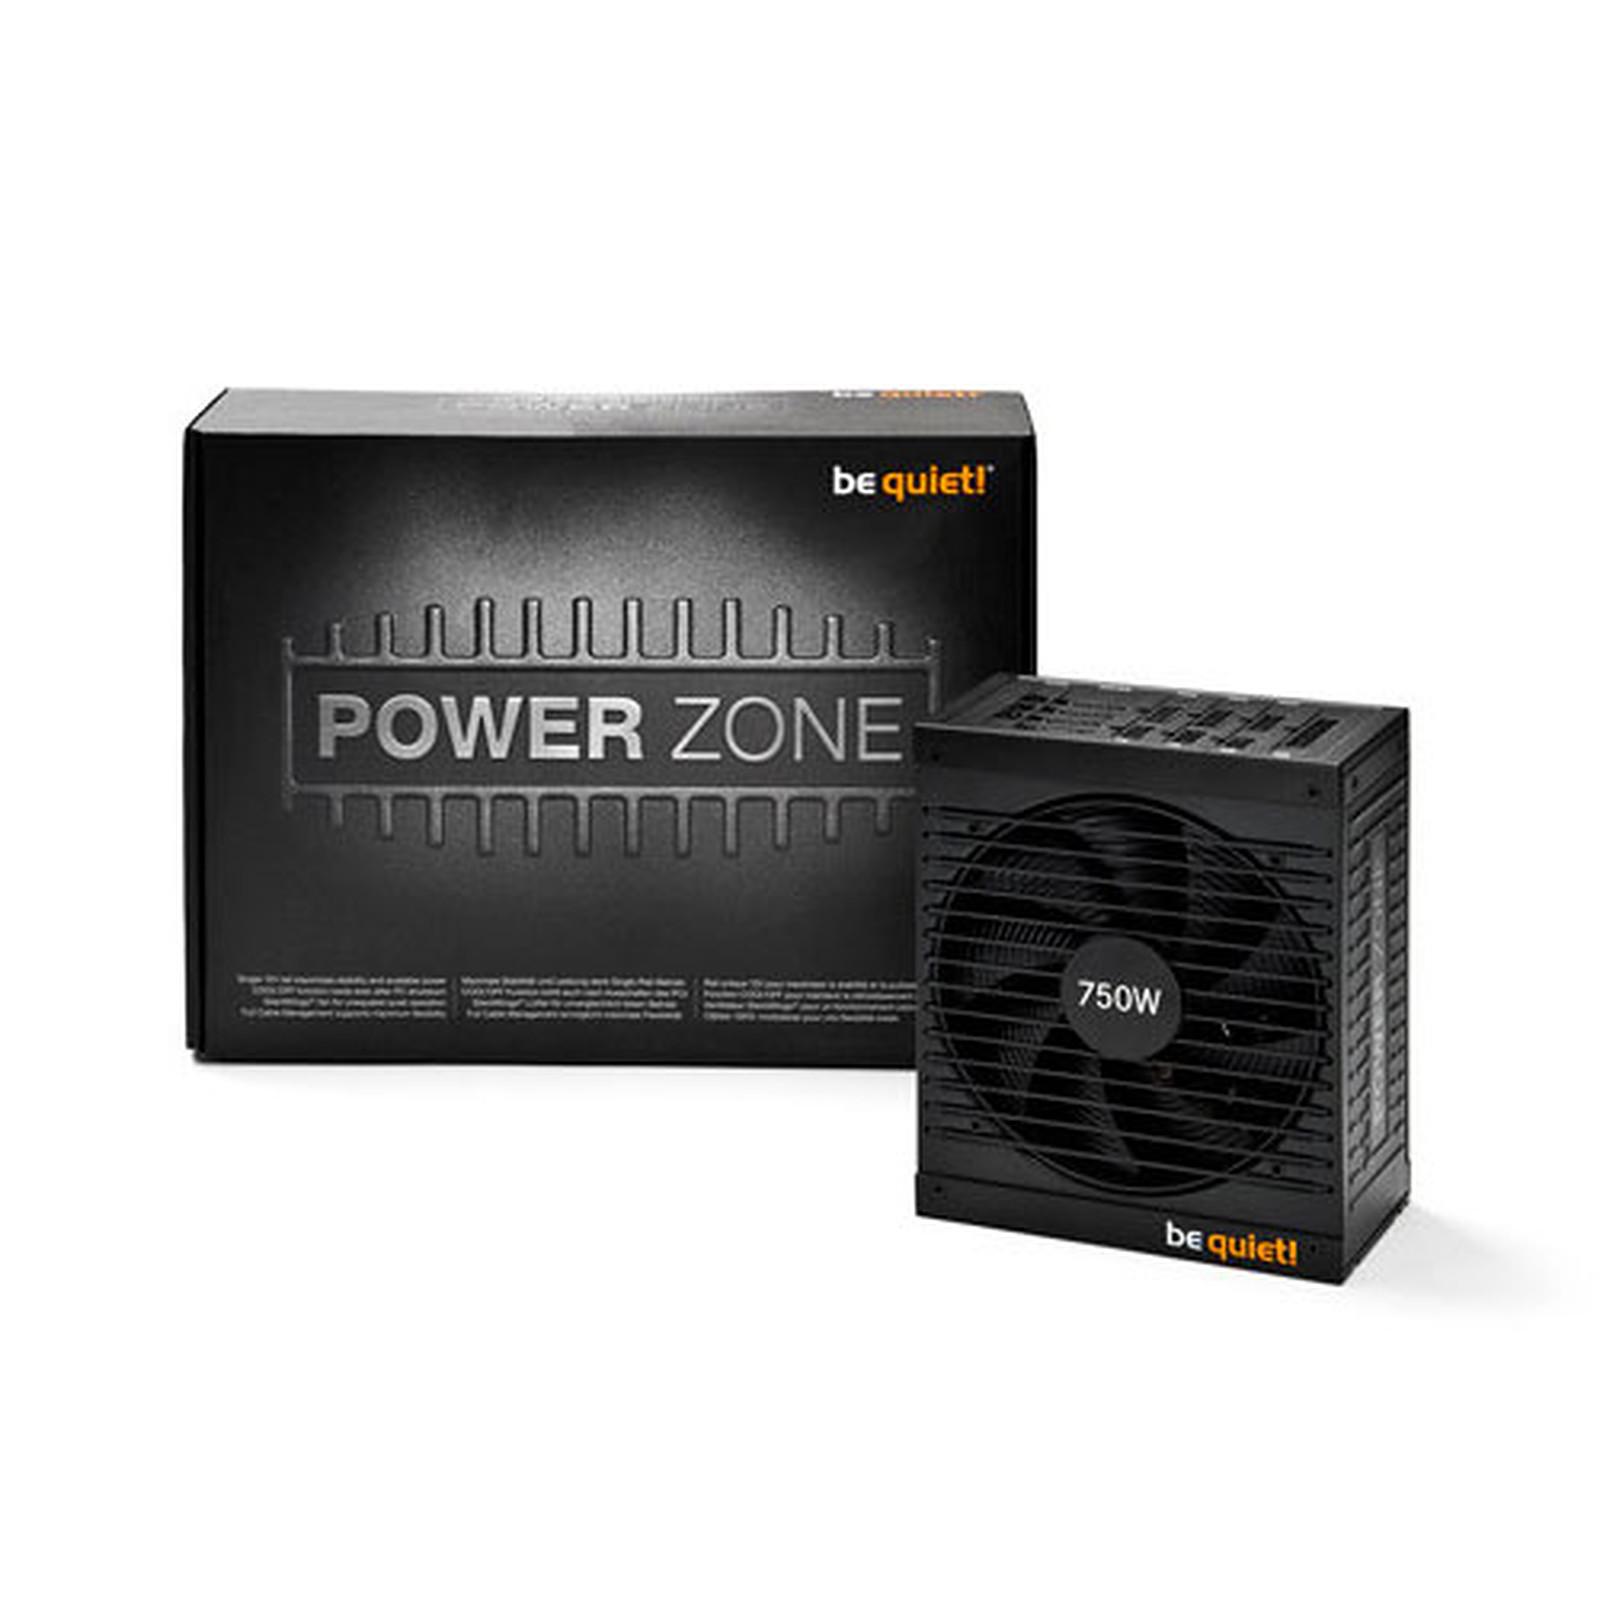 be quiet! Power Zone 750W 80PLUS Bronze